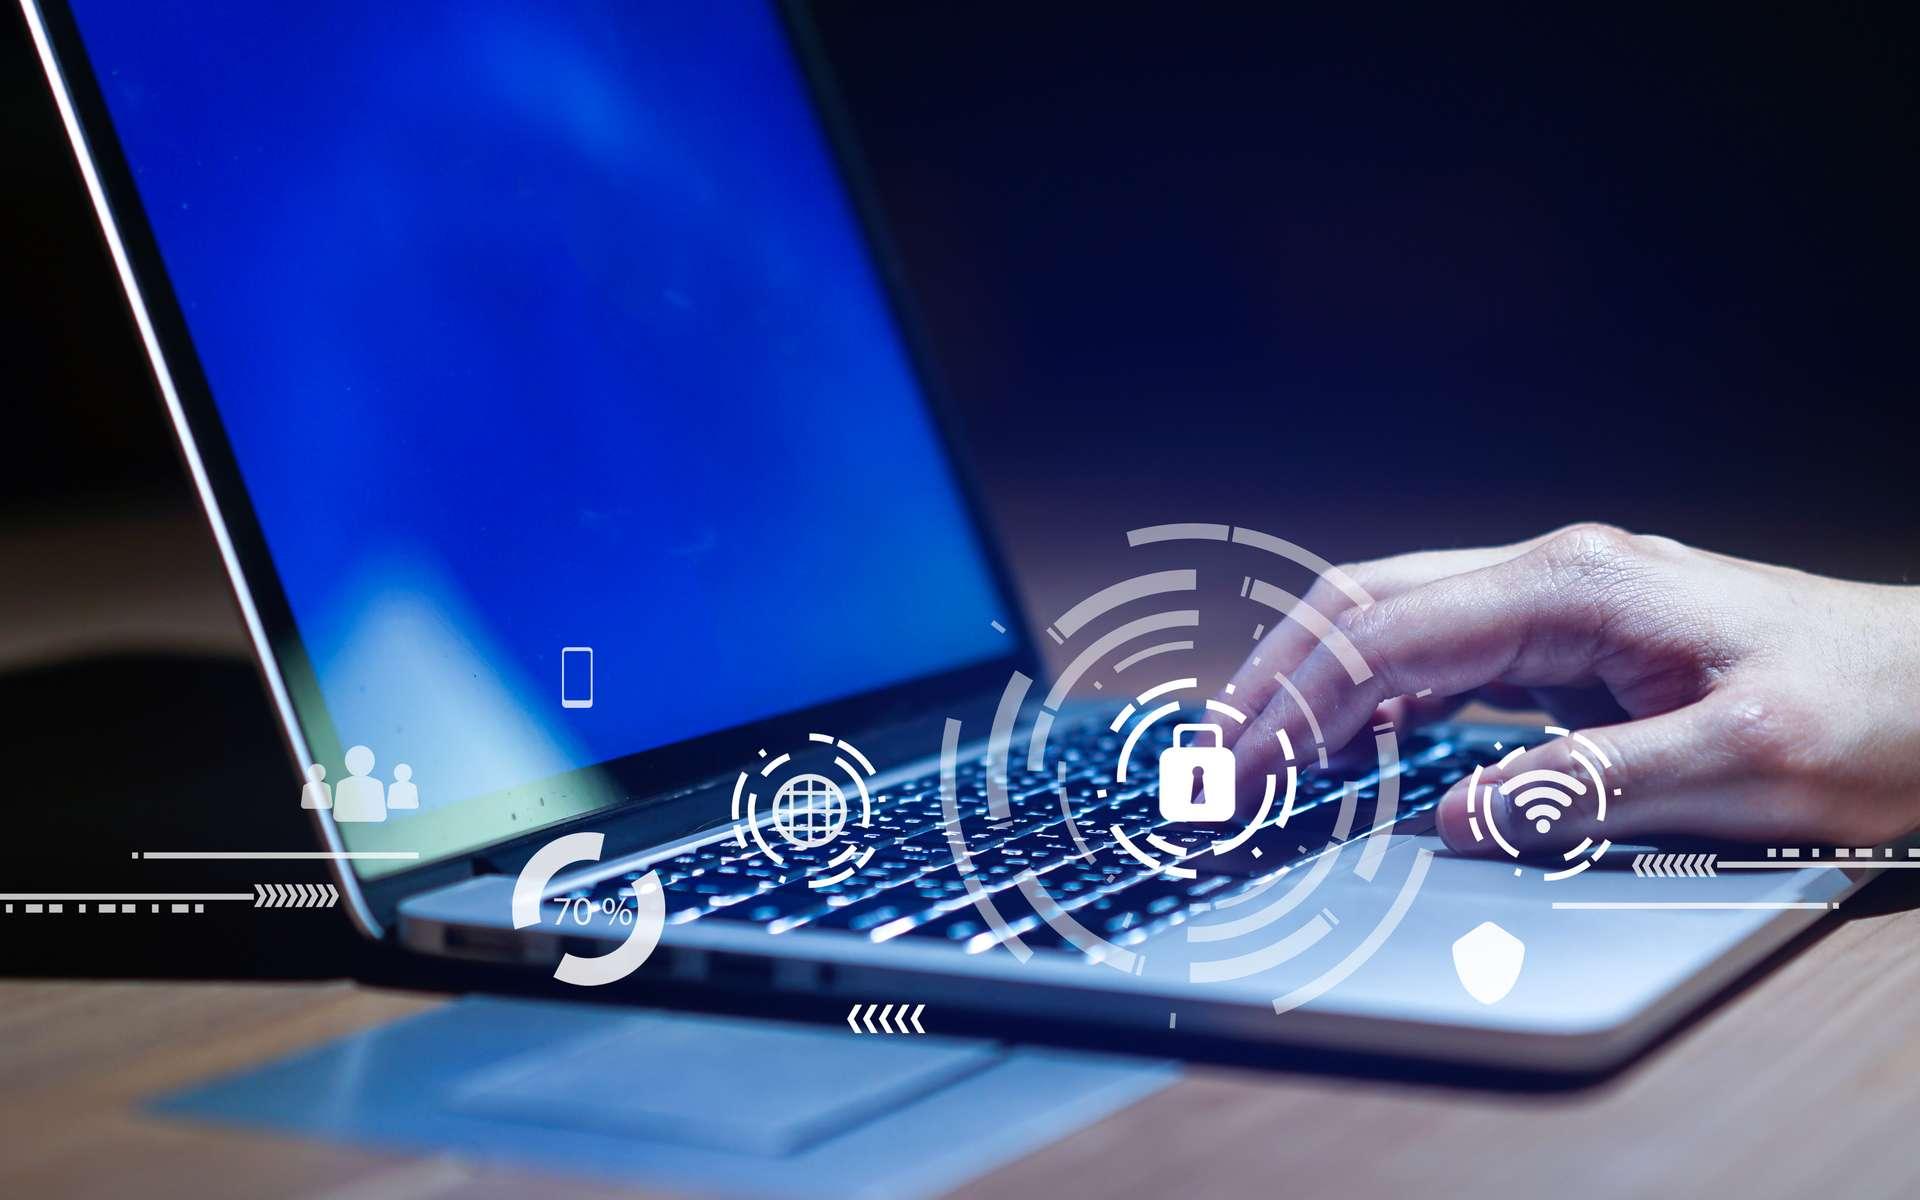 Une base de données mise en ligne sans protections a exposé des données de millions de clients d'Amazon, eBay, PayPal et d'autres. © chinnarach, Adobe Stock